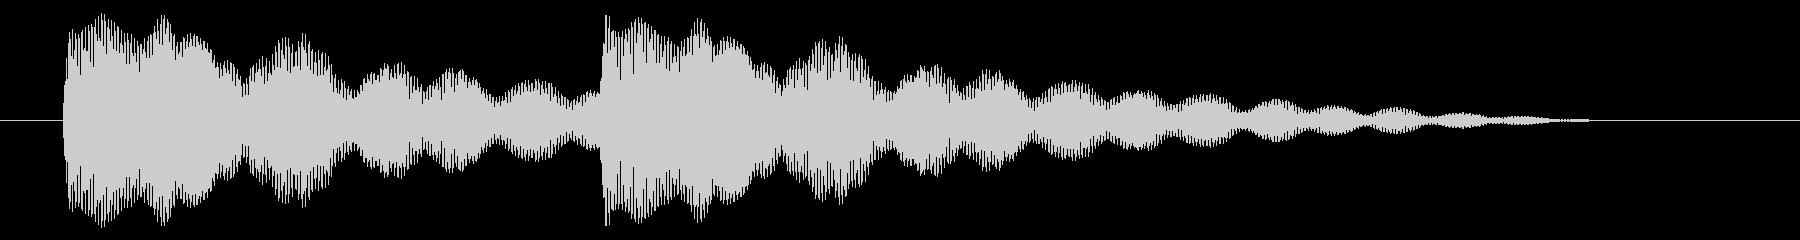 ニュース アラート02-2の未再生の波形